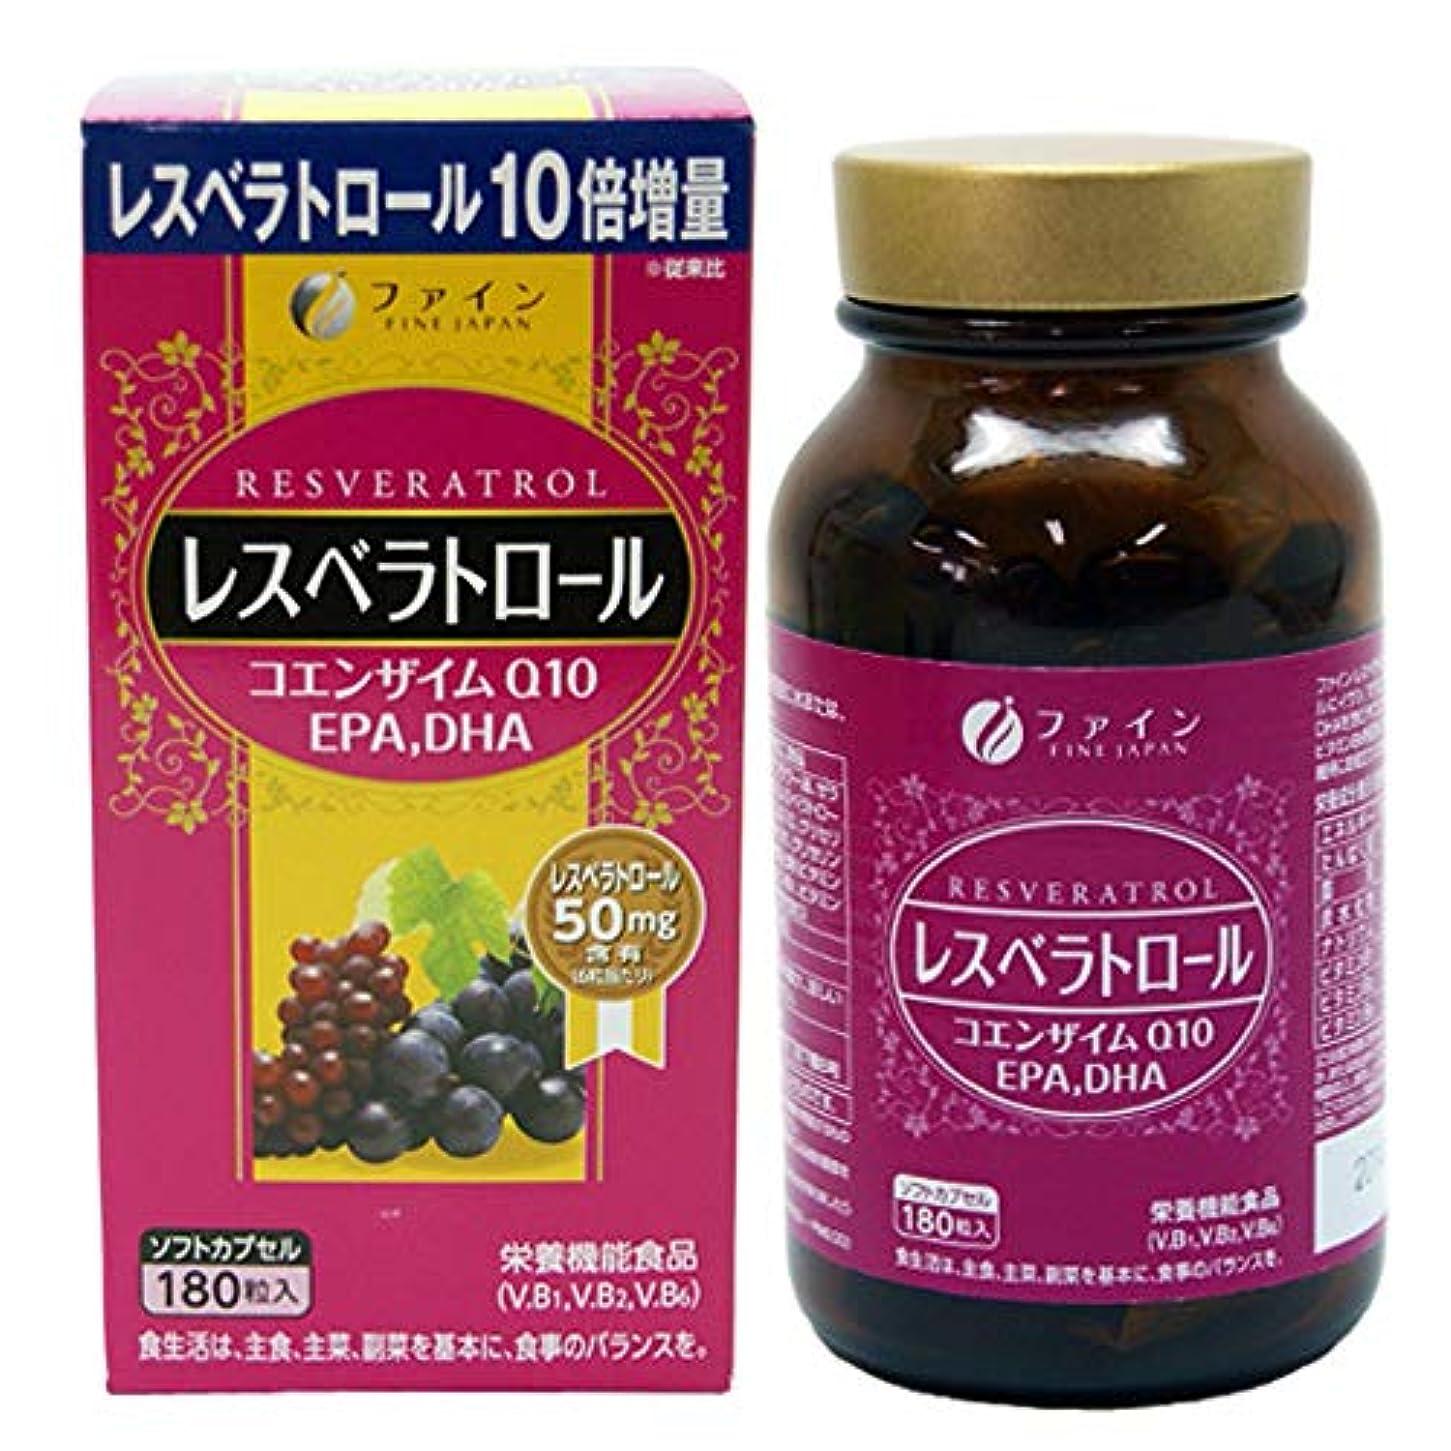 修道院素晴らしきリブファイン レスベラトロール 30日分(180粒入) EPA DHA コエンザイムQ10 ビタミンB1 配合